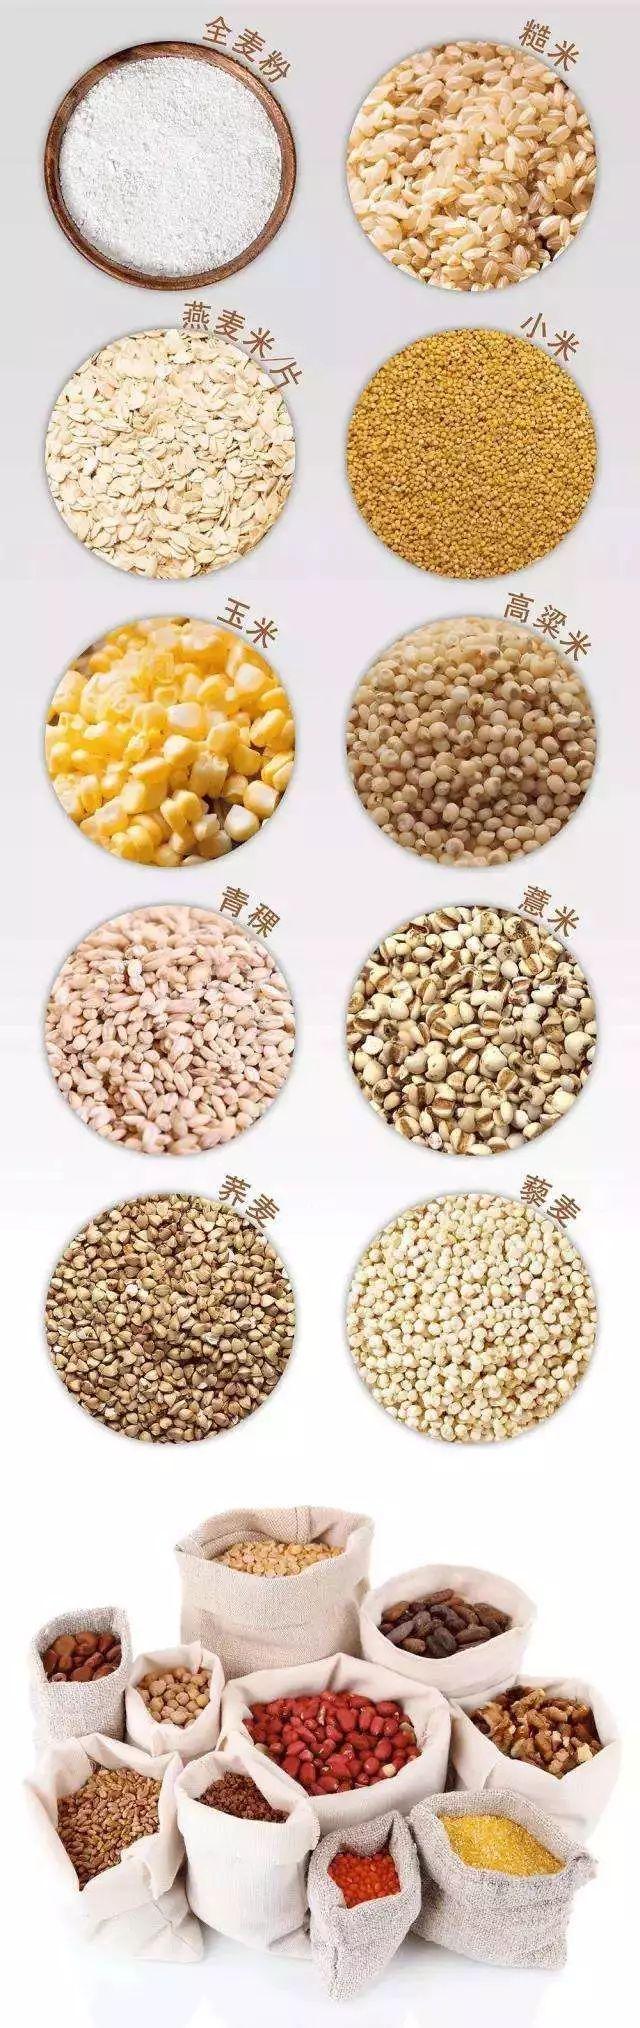 了解全谷物和杂豆,为主食加分!